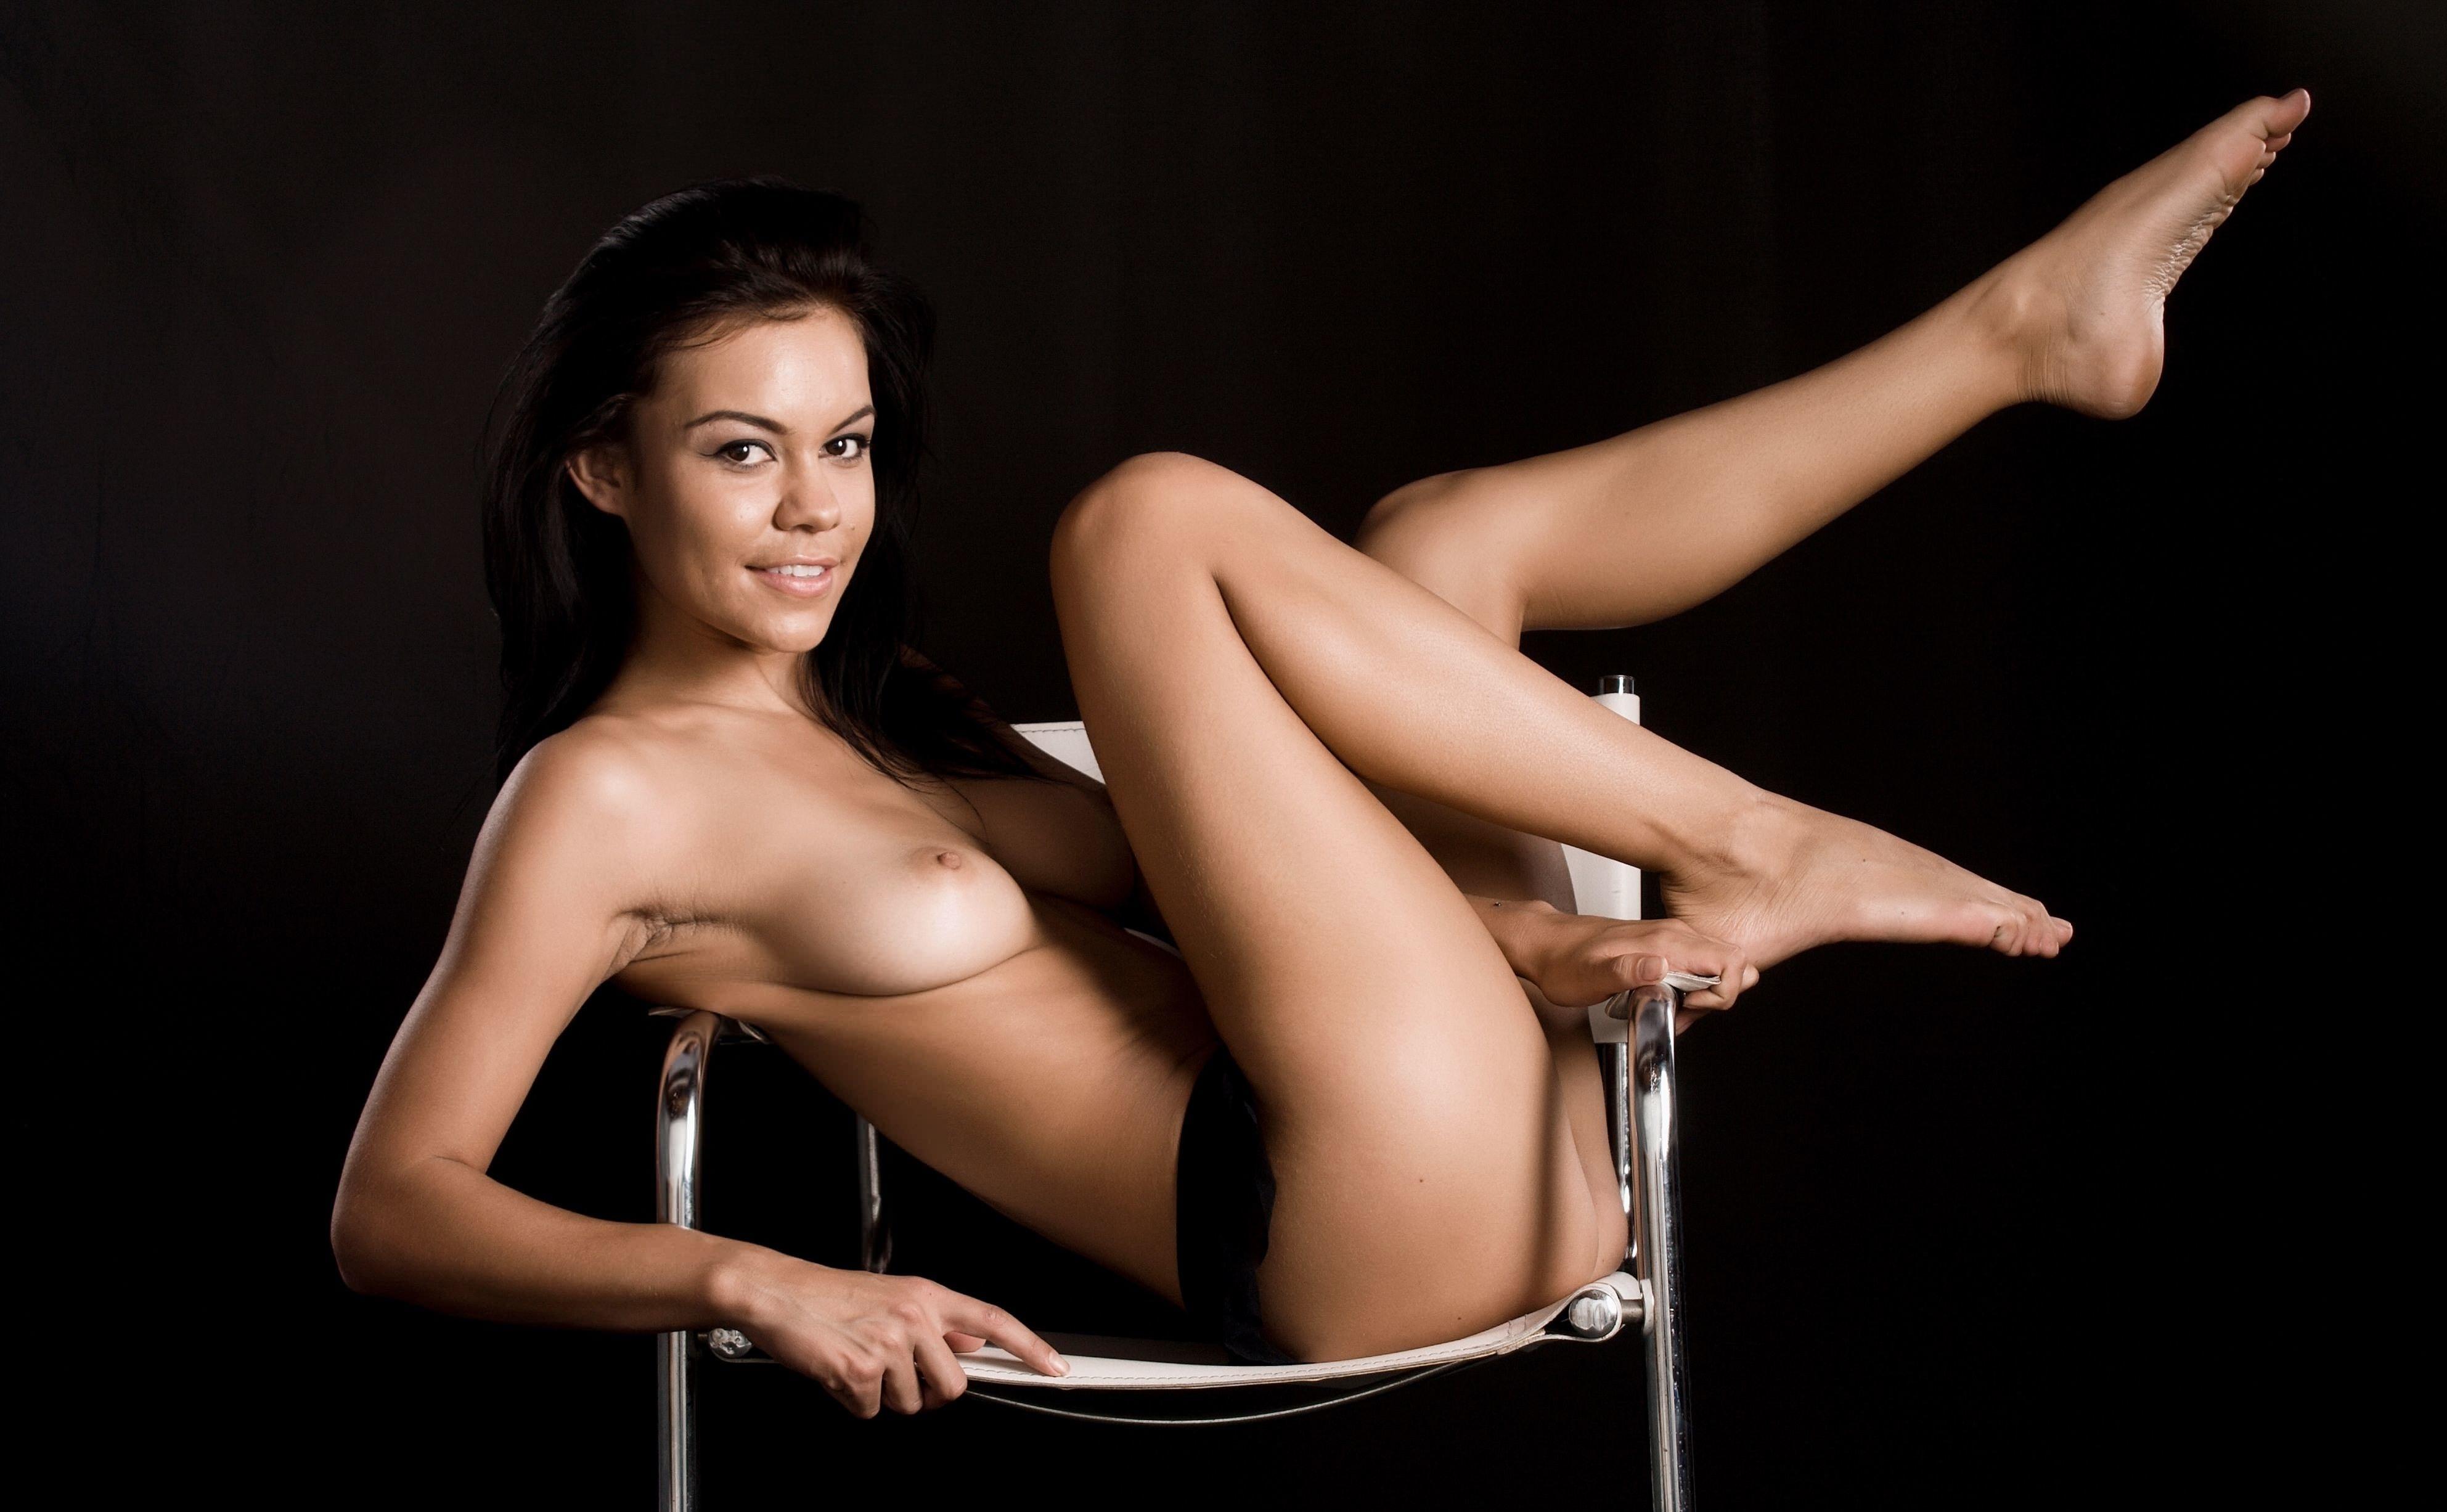 Фото Обнаженная брюнетка на стуле, черный фон, скачать картинку бесплатно